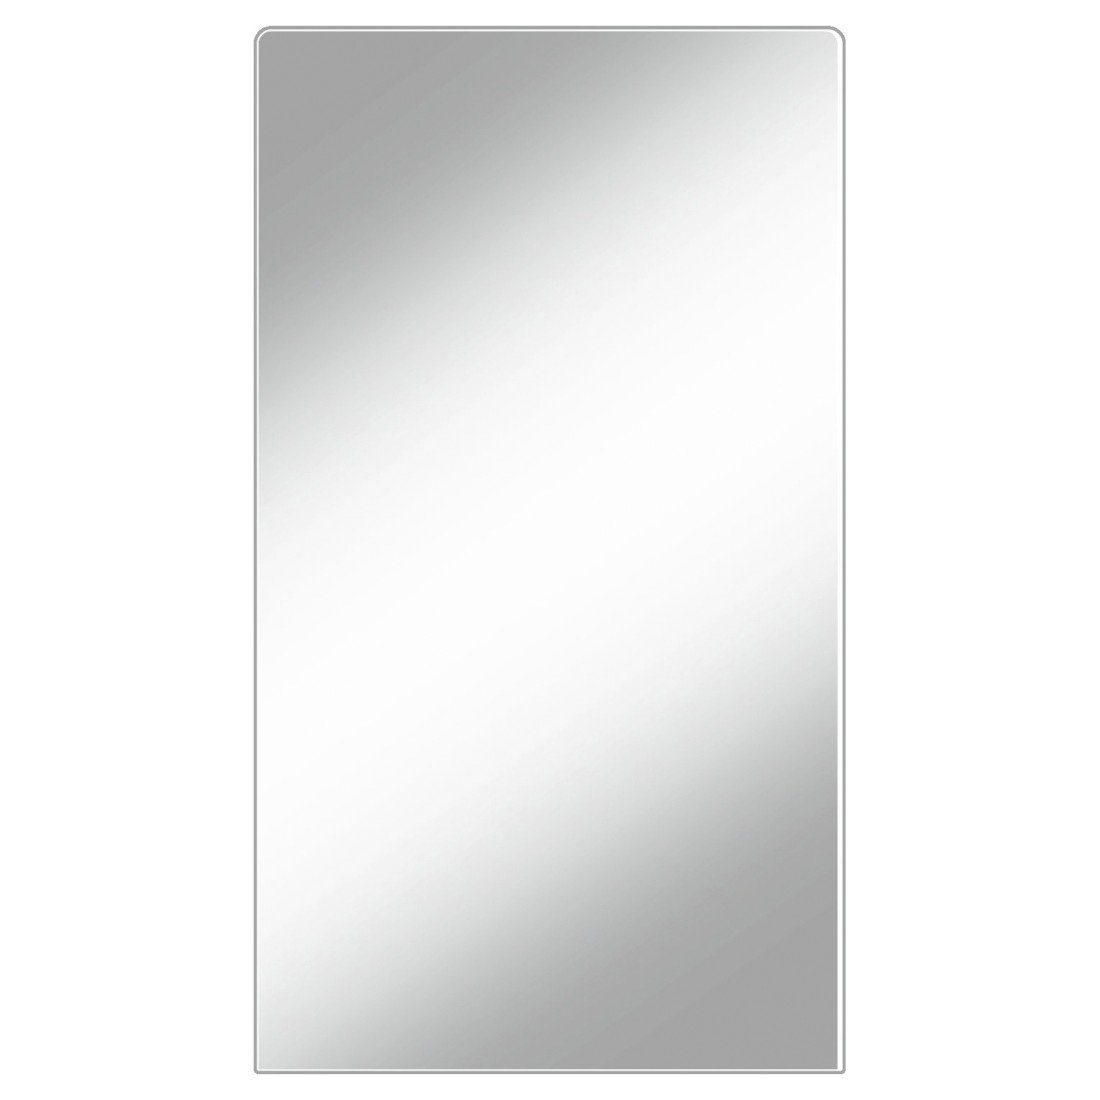 Hama Display-Schutzfolie Crystal Clear für LG G5 (SE), 2 Stück